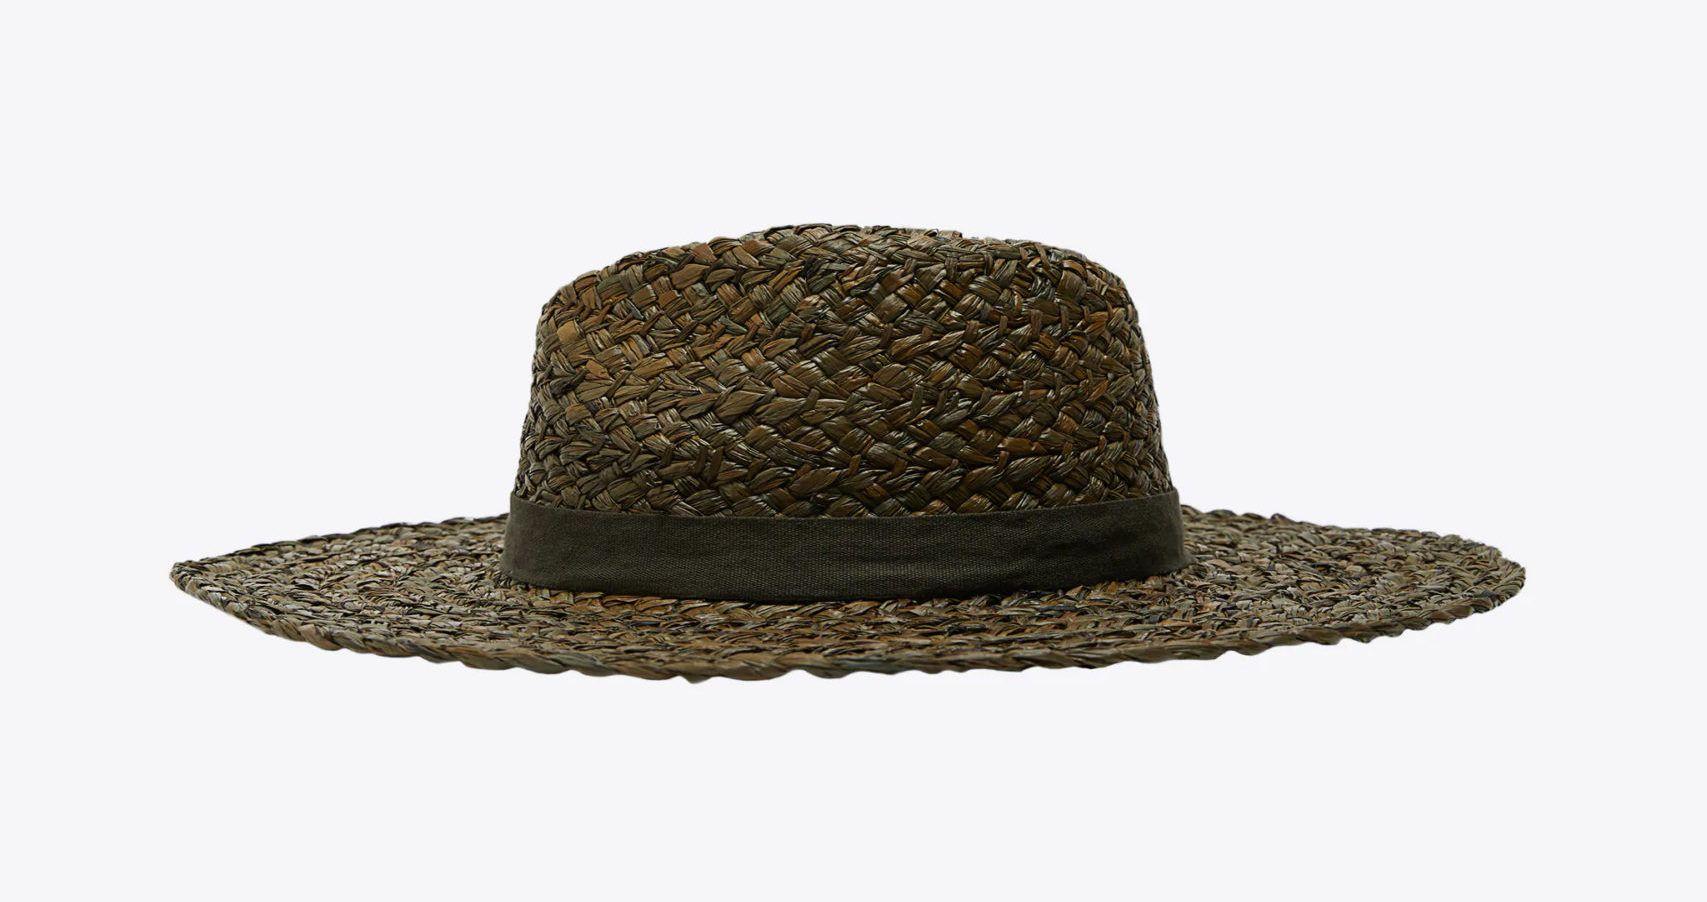 khaki zöld raffia kalap - Zara